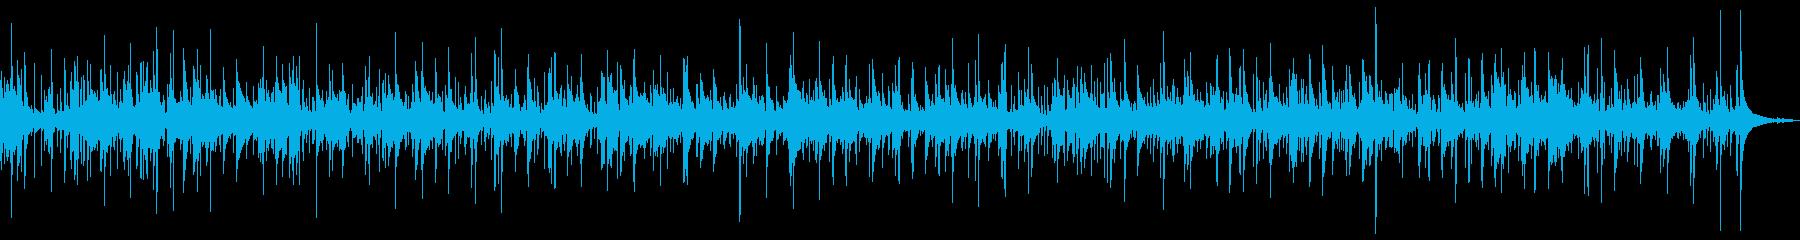 どこかの国の伝統音楽風の再生済みの波形